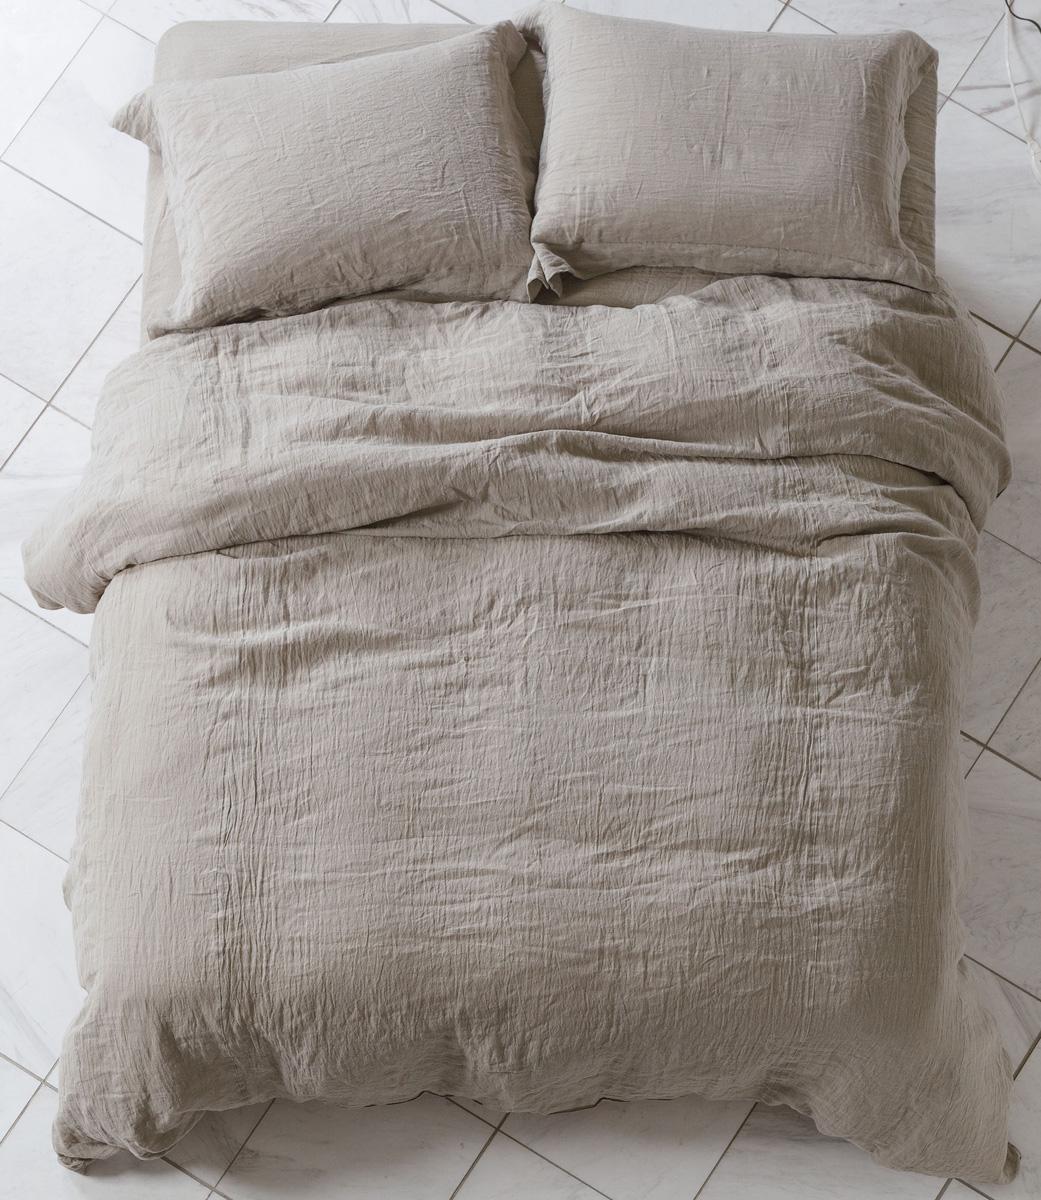 ドリームベッド グランリネン ダブル ベッドシーツセット掛け布団カバー マットシーツ GL-607 カーキ 麻 コンフォーターケース・ピローケース・ボックスシーツセット 日本製寝装品 送料無料